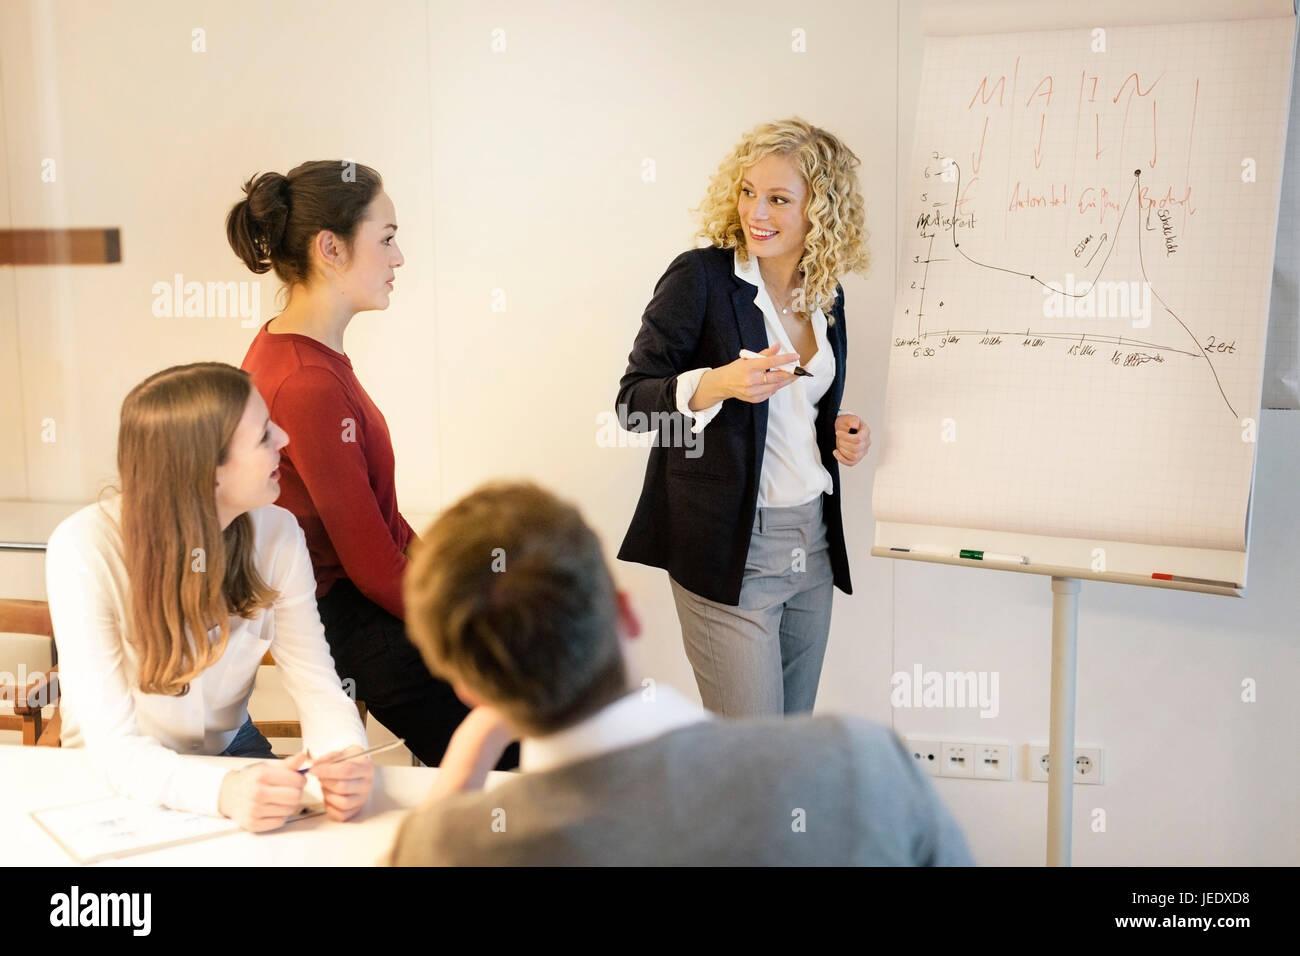 Las personas de negocios que asisten a un taller en la oficina Imagen De Stock